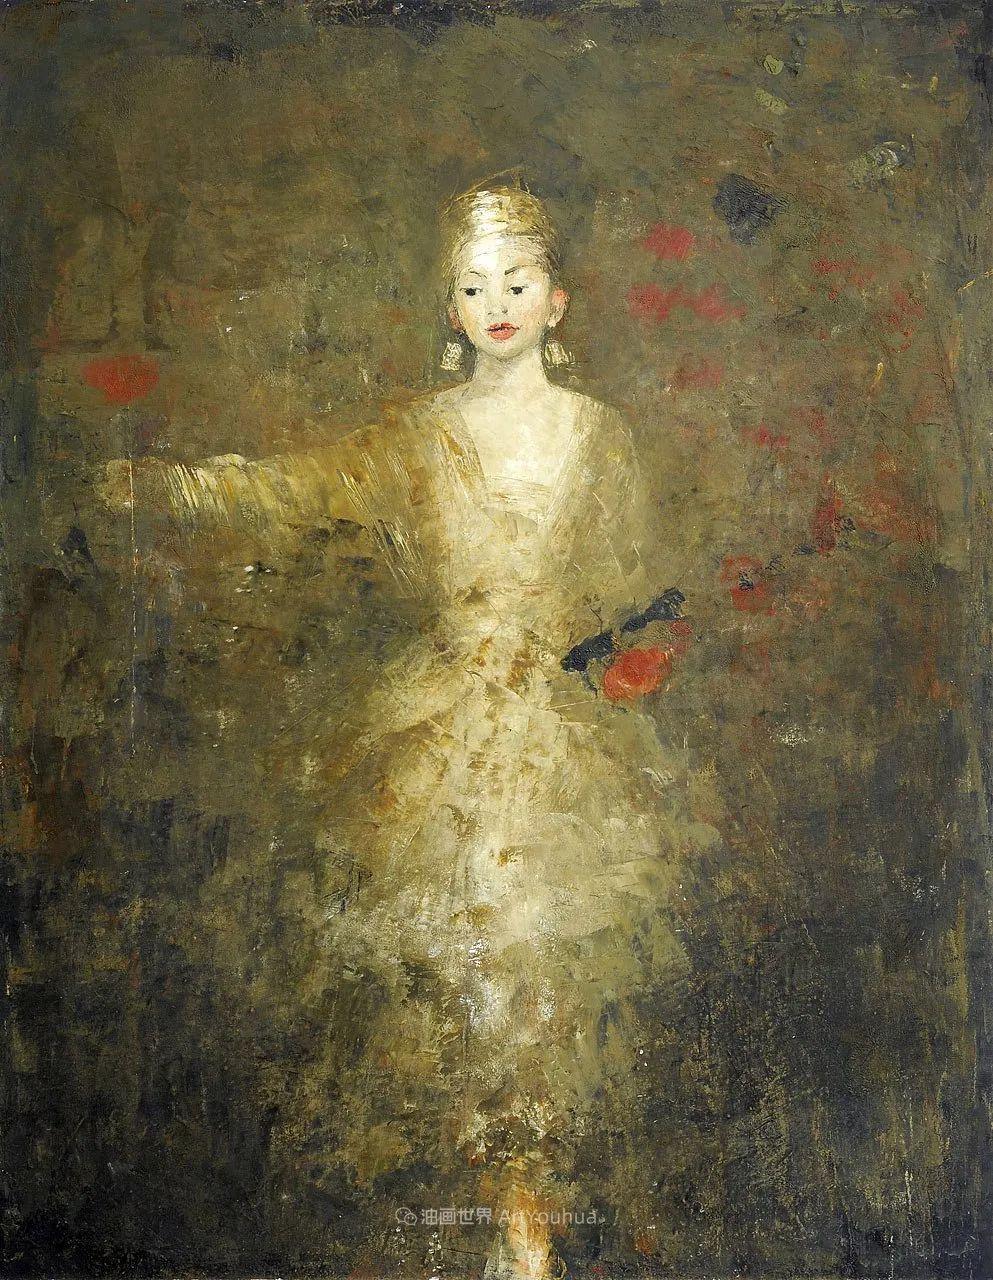 马耳他女画家 Goxwa Borg 戈克斯瓦·博格作品欣赏: 古典又现代!插图63